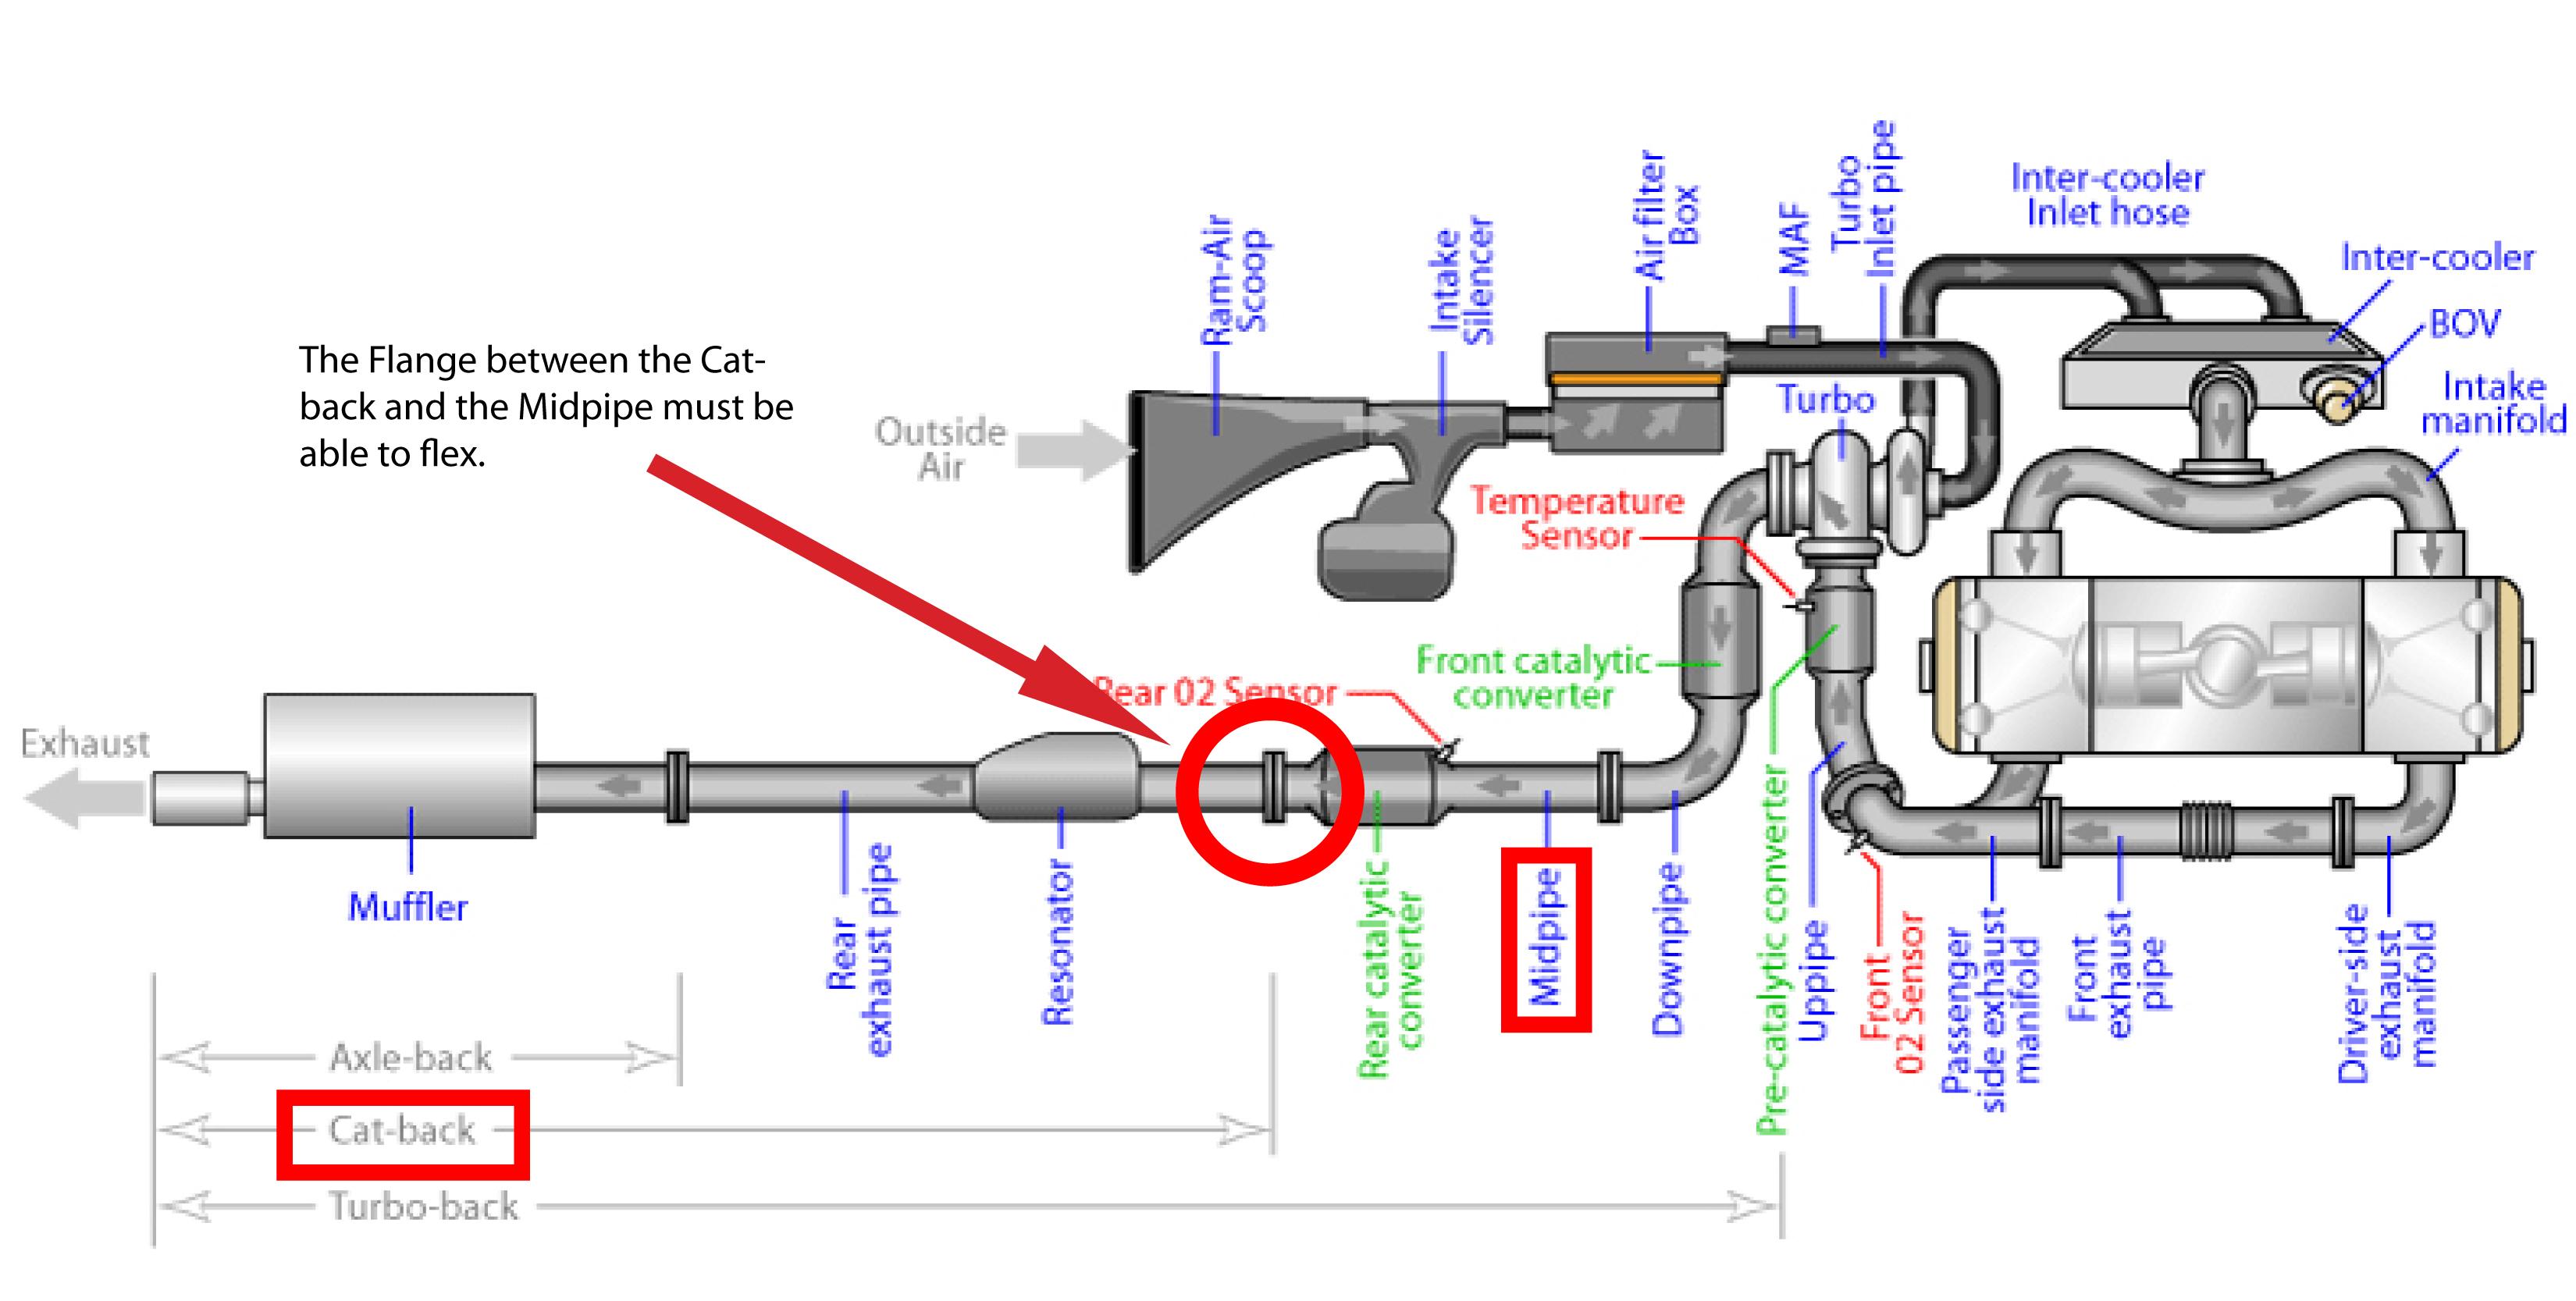 medium resolution of 2003 subaru wrx exhaust diagram further 2008 subaru impreza rear 2002 subaru wrx exhaust diagram 2002 subaru wrx exhaust diagram